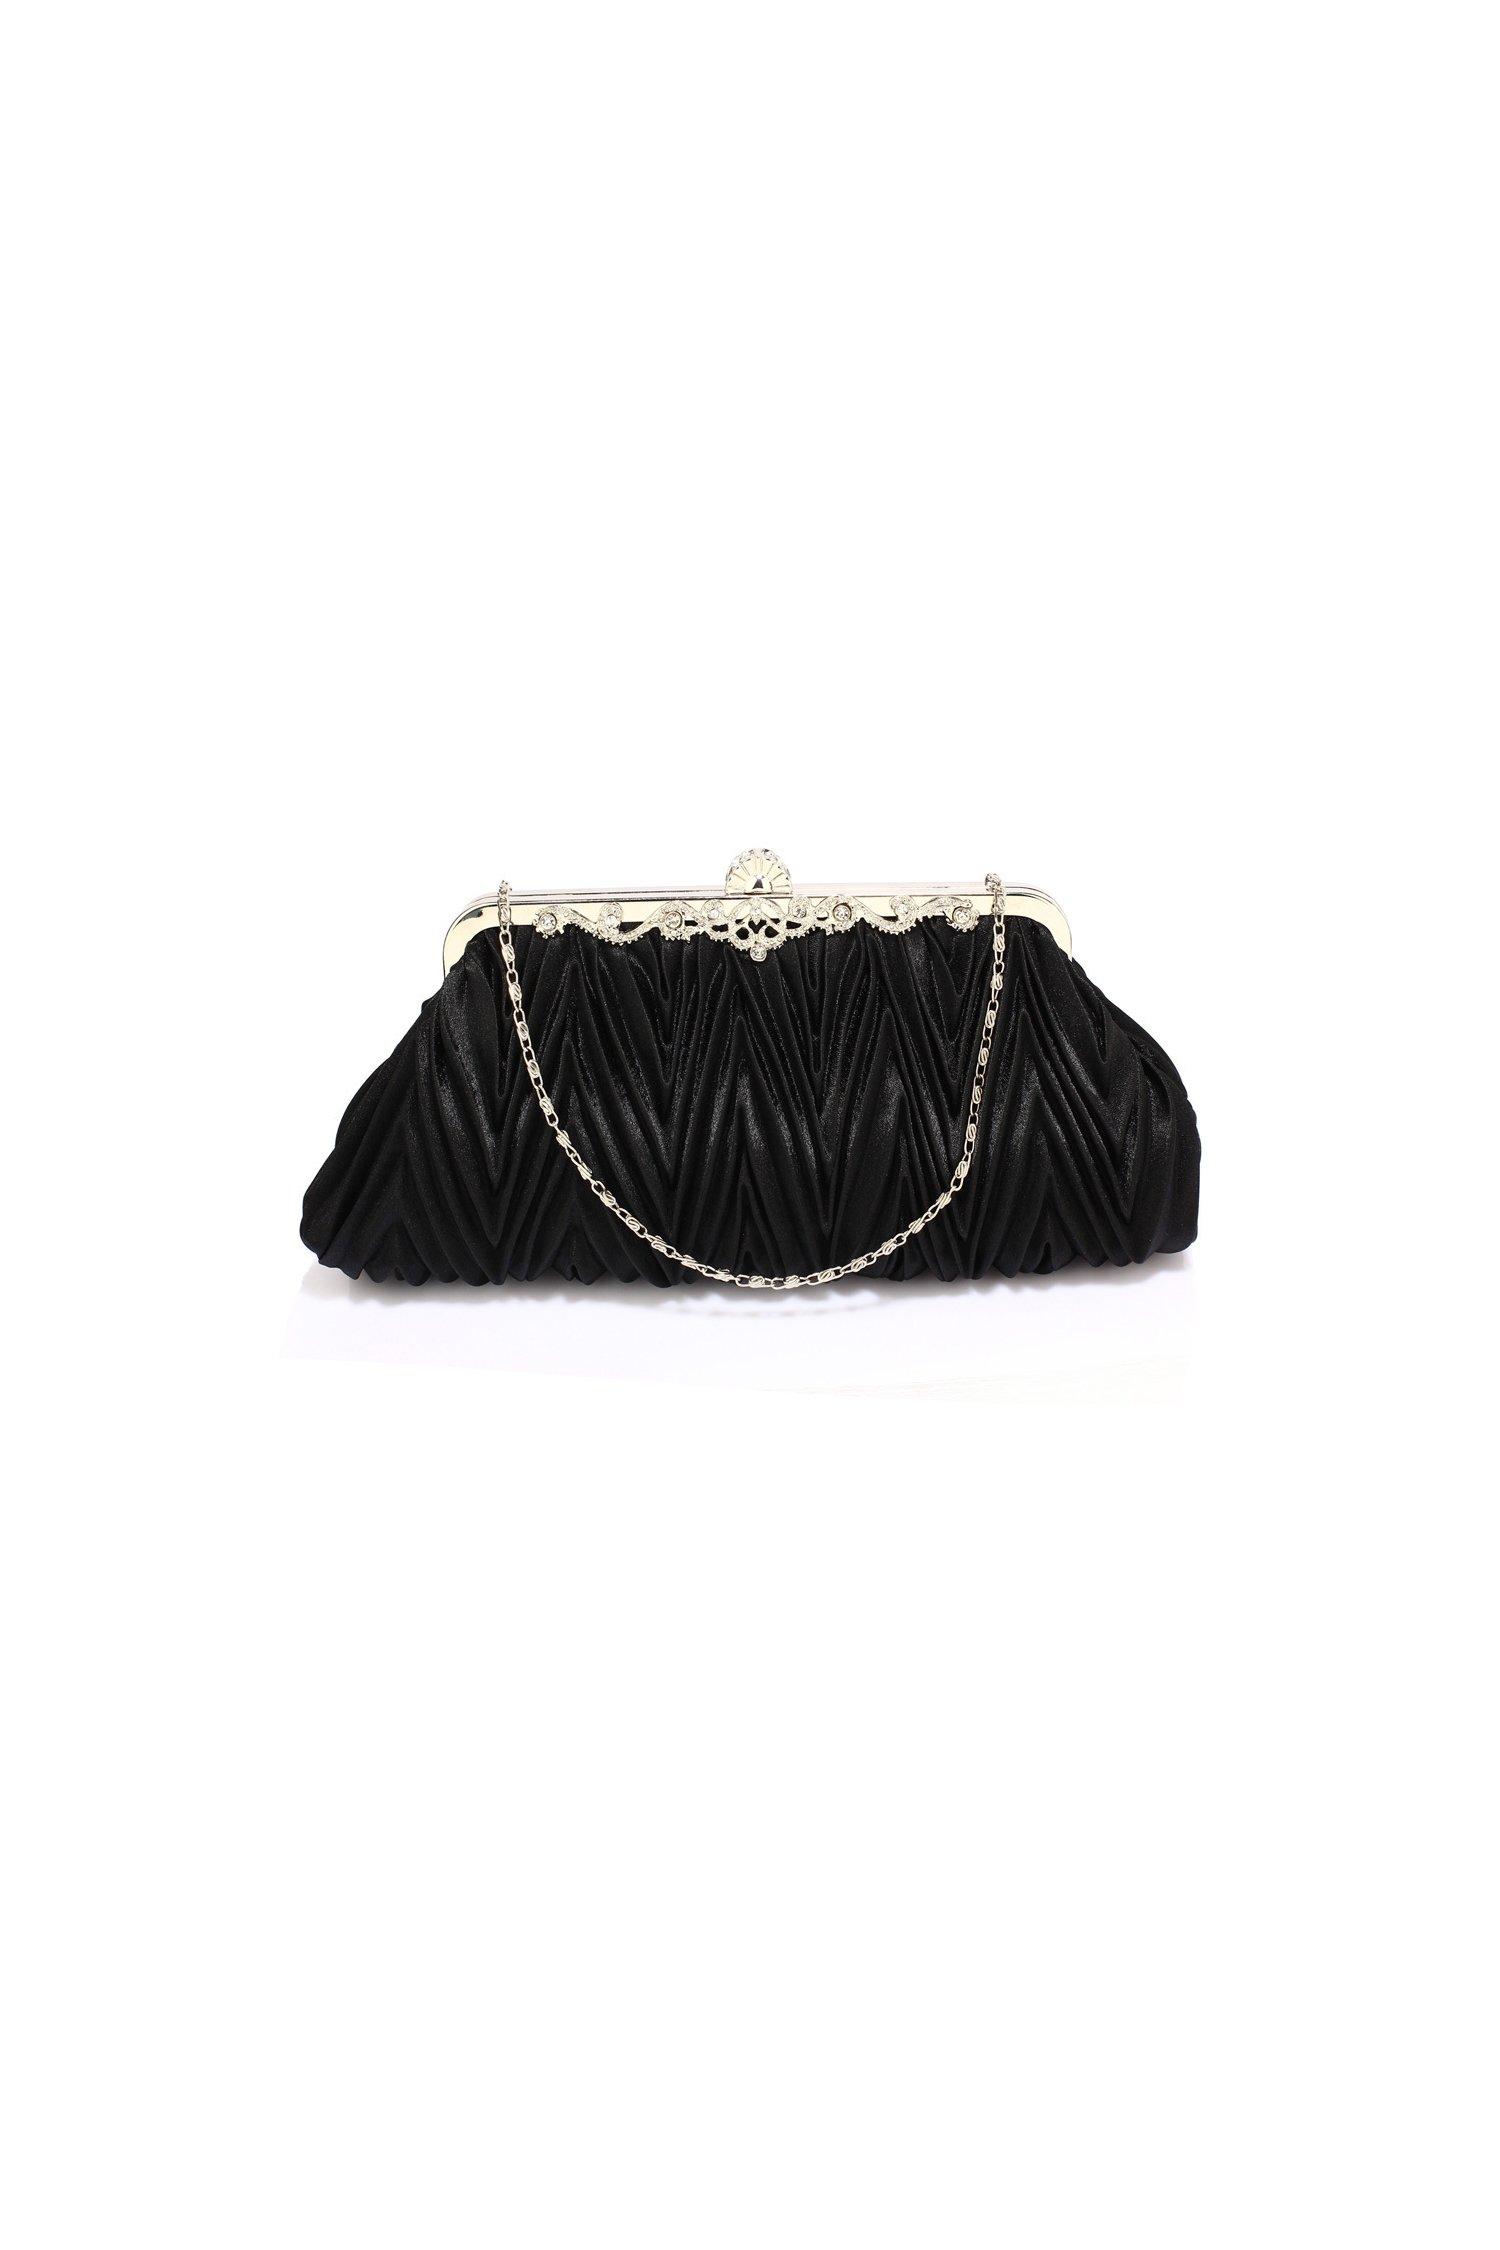 Poseta de seara Electra neagra eleganta